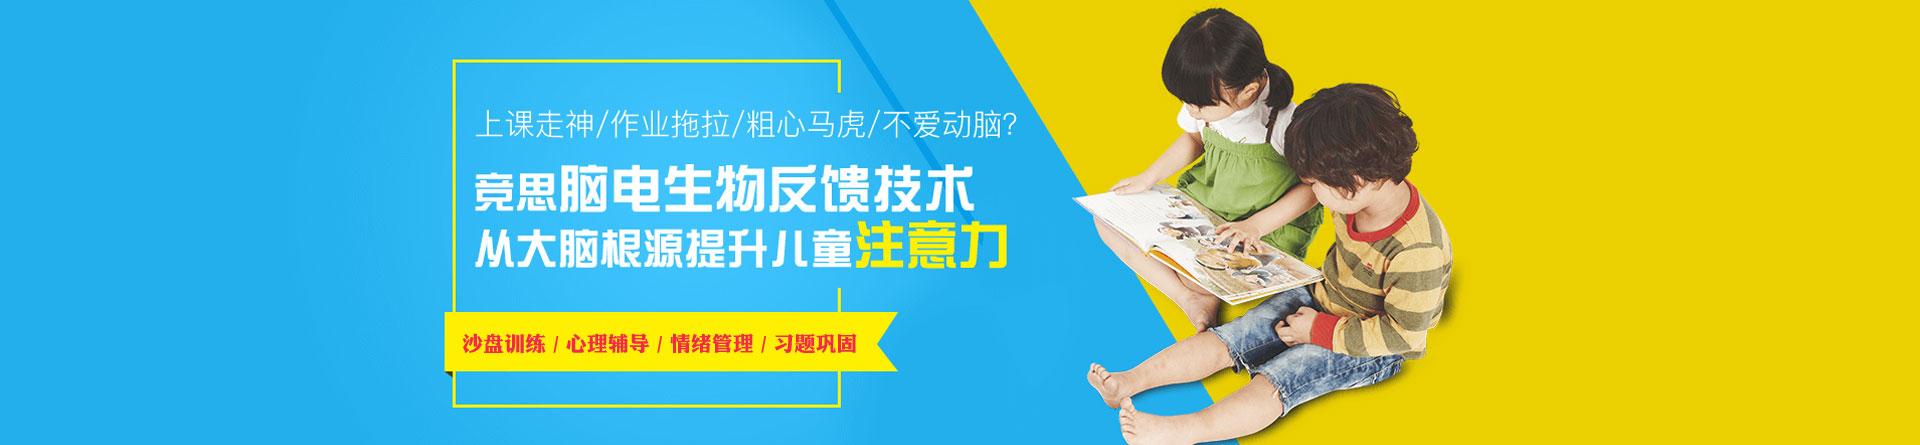 東莞競思兒童專注力培訓機構